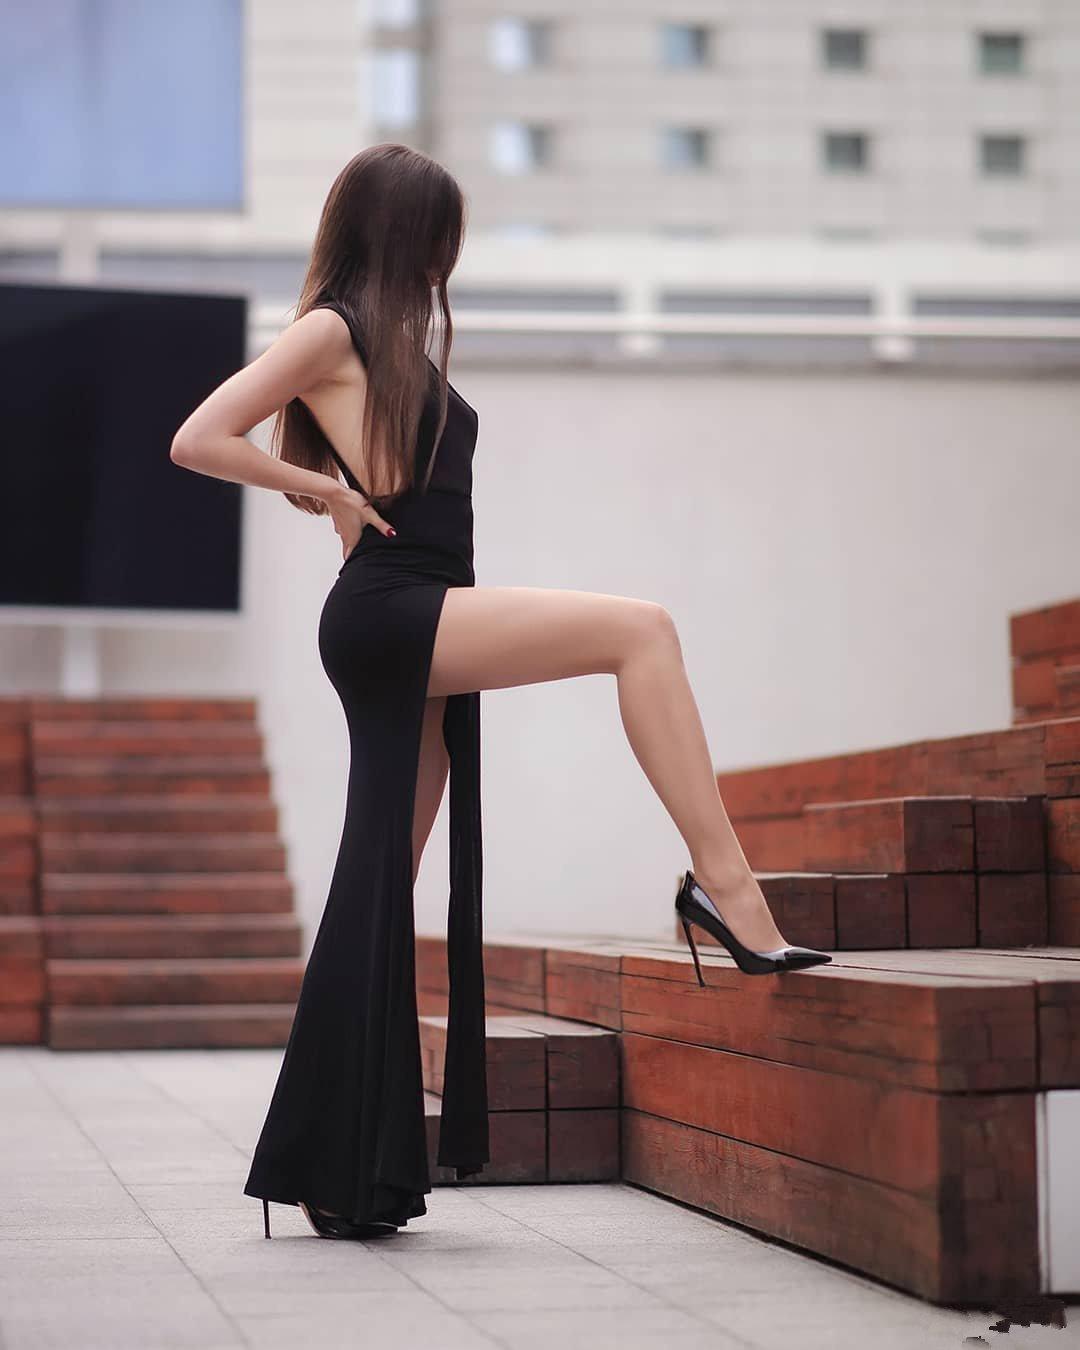 性感美女图片 一袭黑色撩动我心